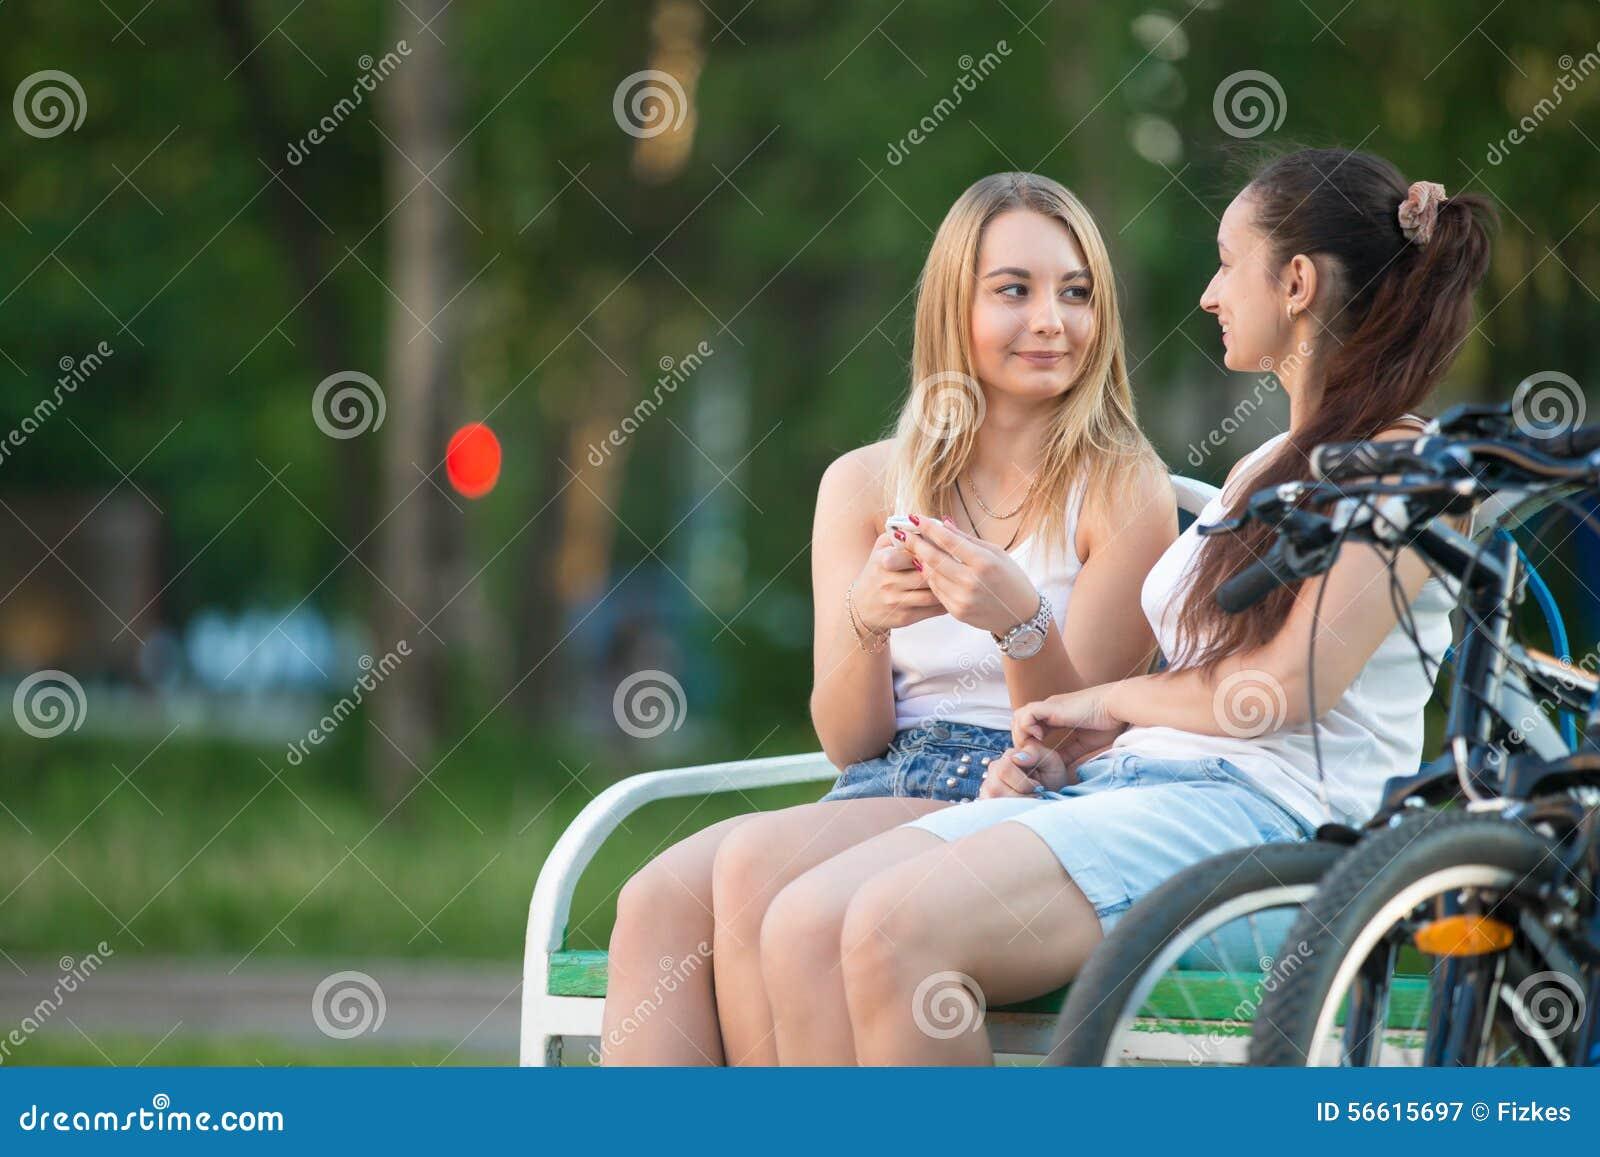 С подругой не церемонились, Пацан не церемонится со своей подругой и жестоко 22 фотография